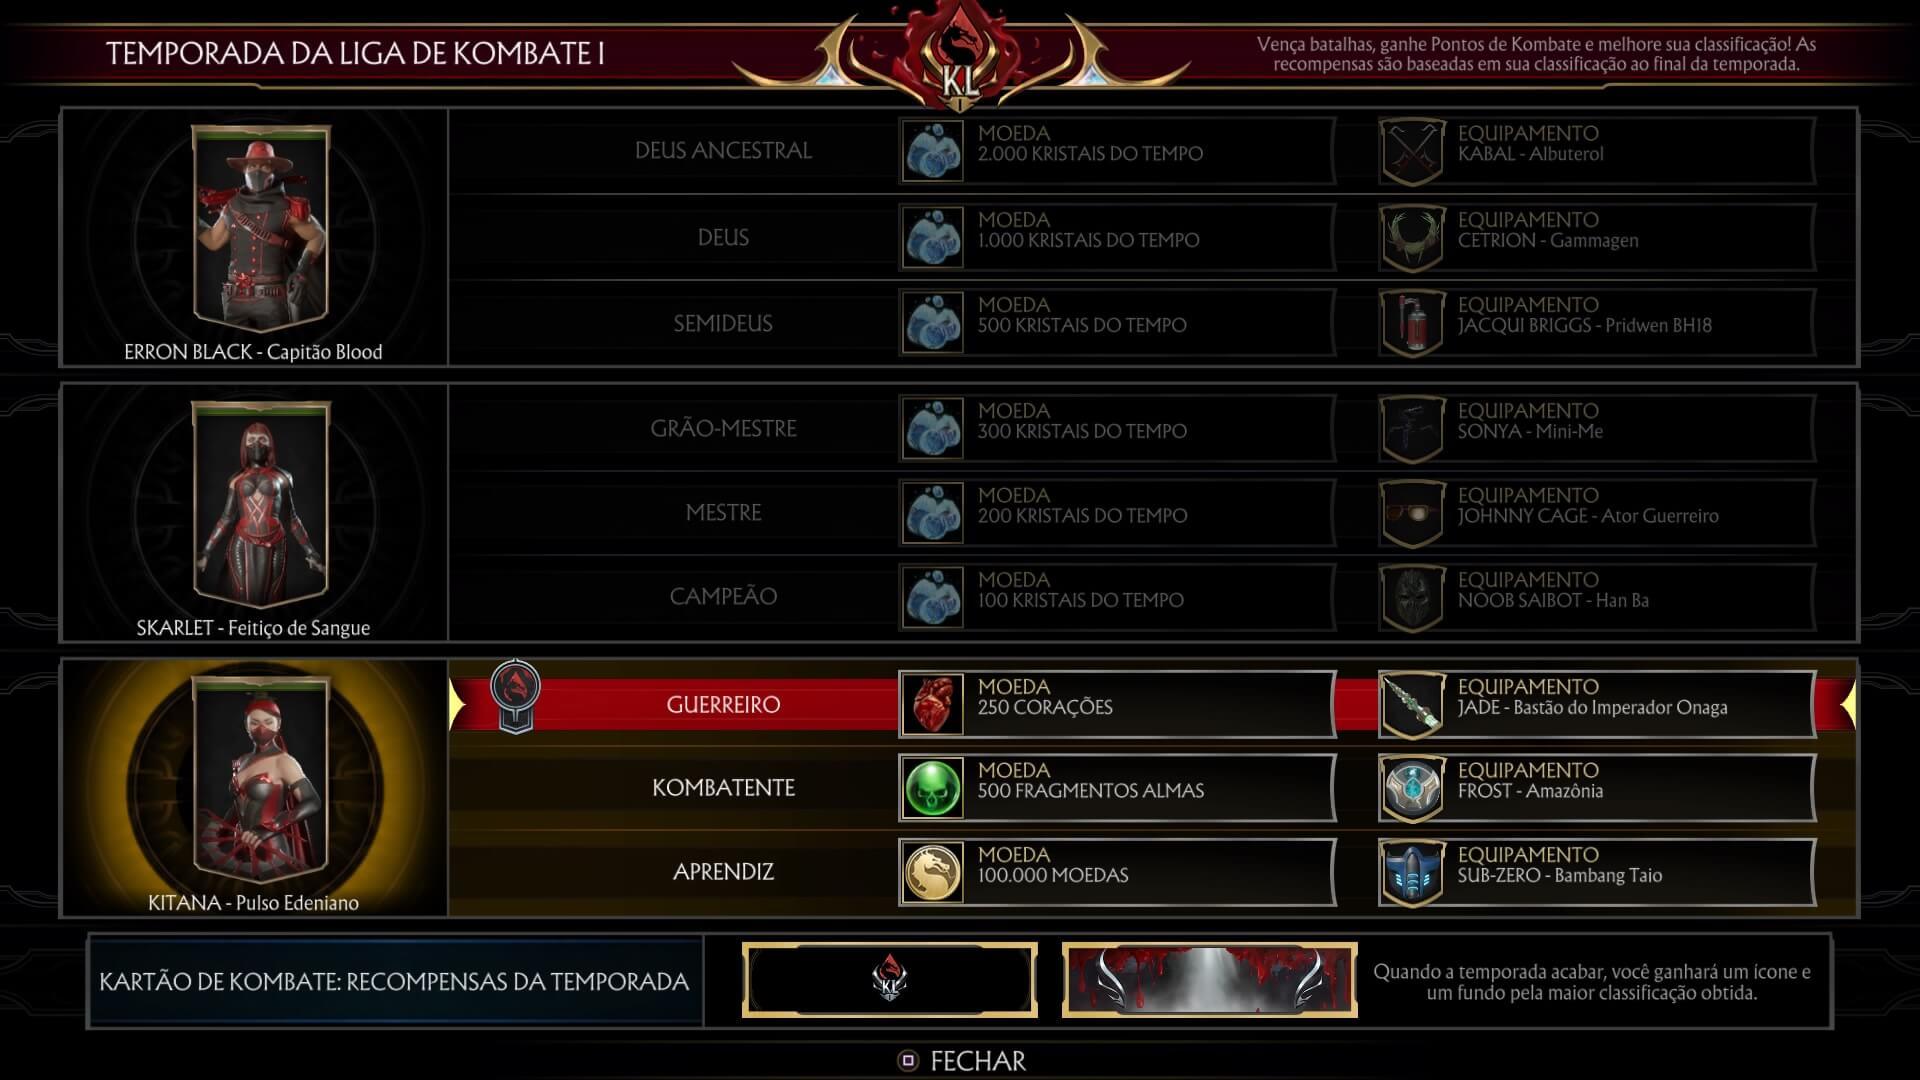 Mortal Kombat 11_liga_de_kombate